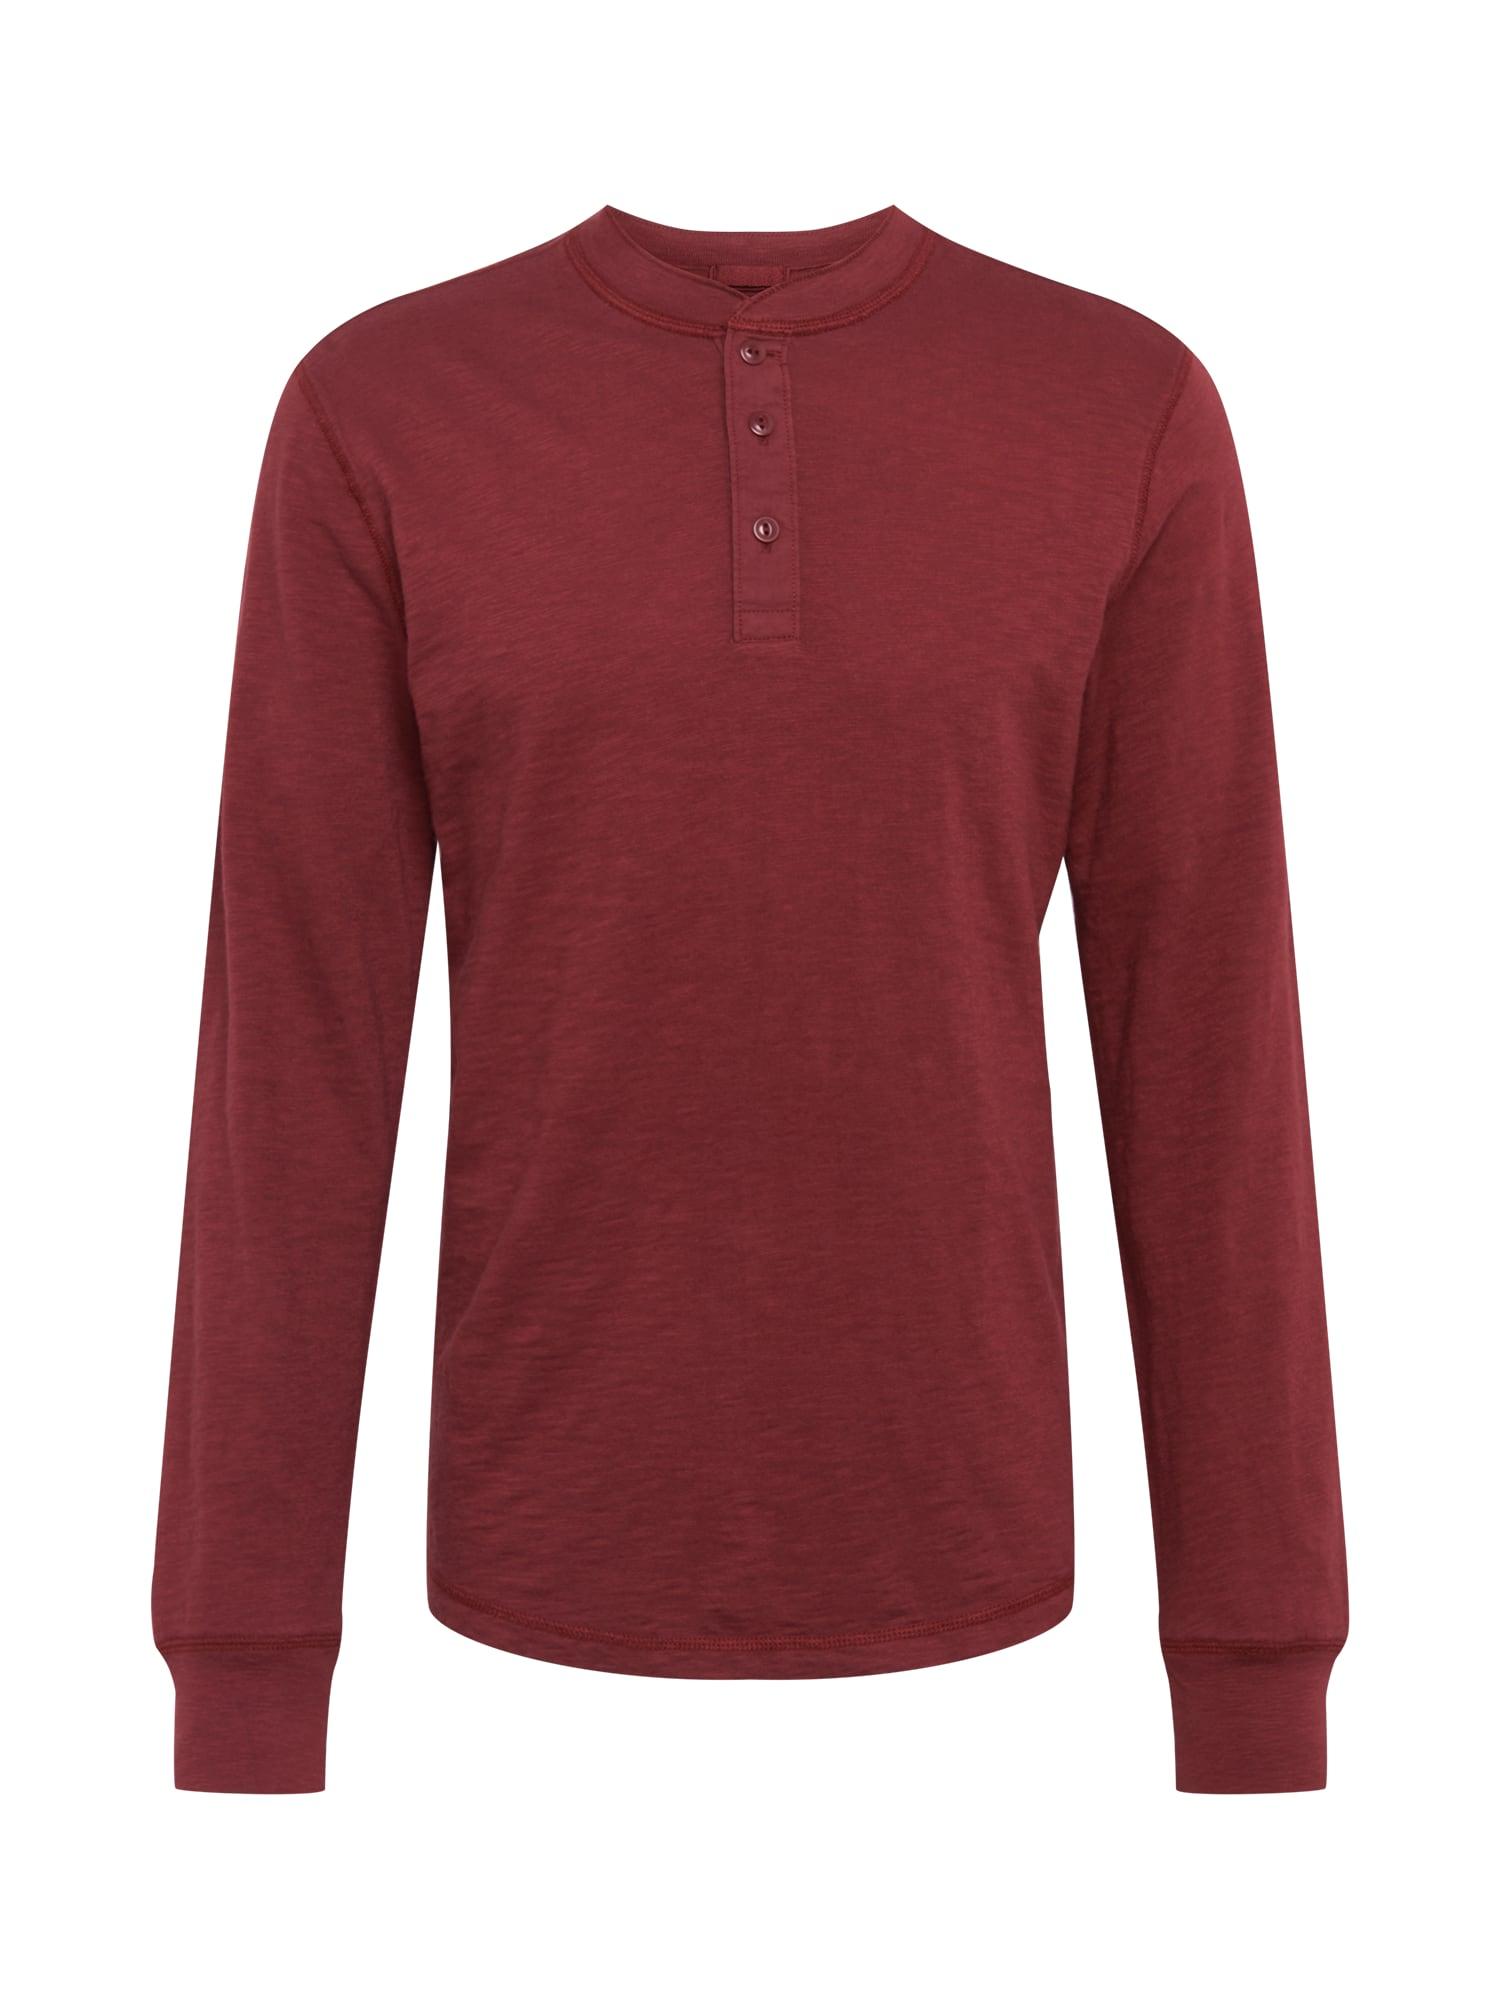 GAP Marškinėliai pastelinė raudona